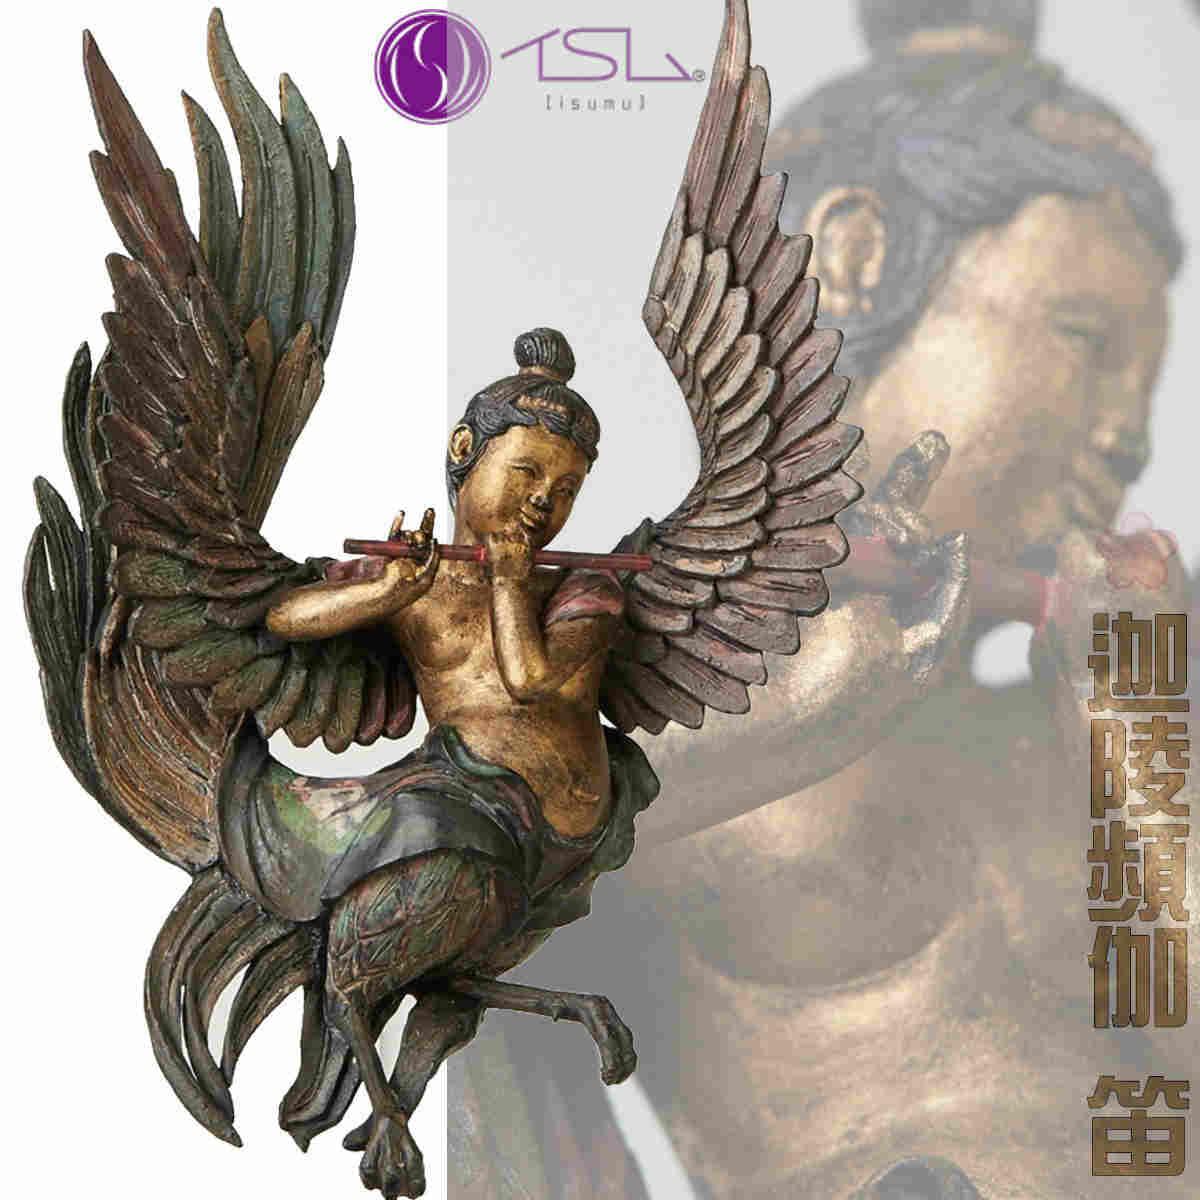 迦陵頻伽 笛   かりょうびんが ふえ   約159(H)×80(W)×59(D)mm 105g   イSム TanaCOCORO 掌   仏像   イスム